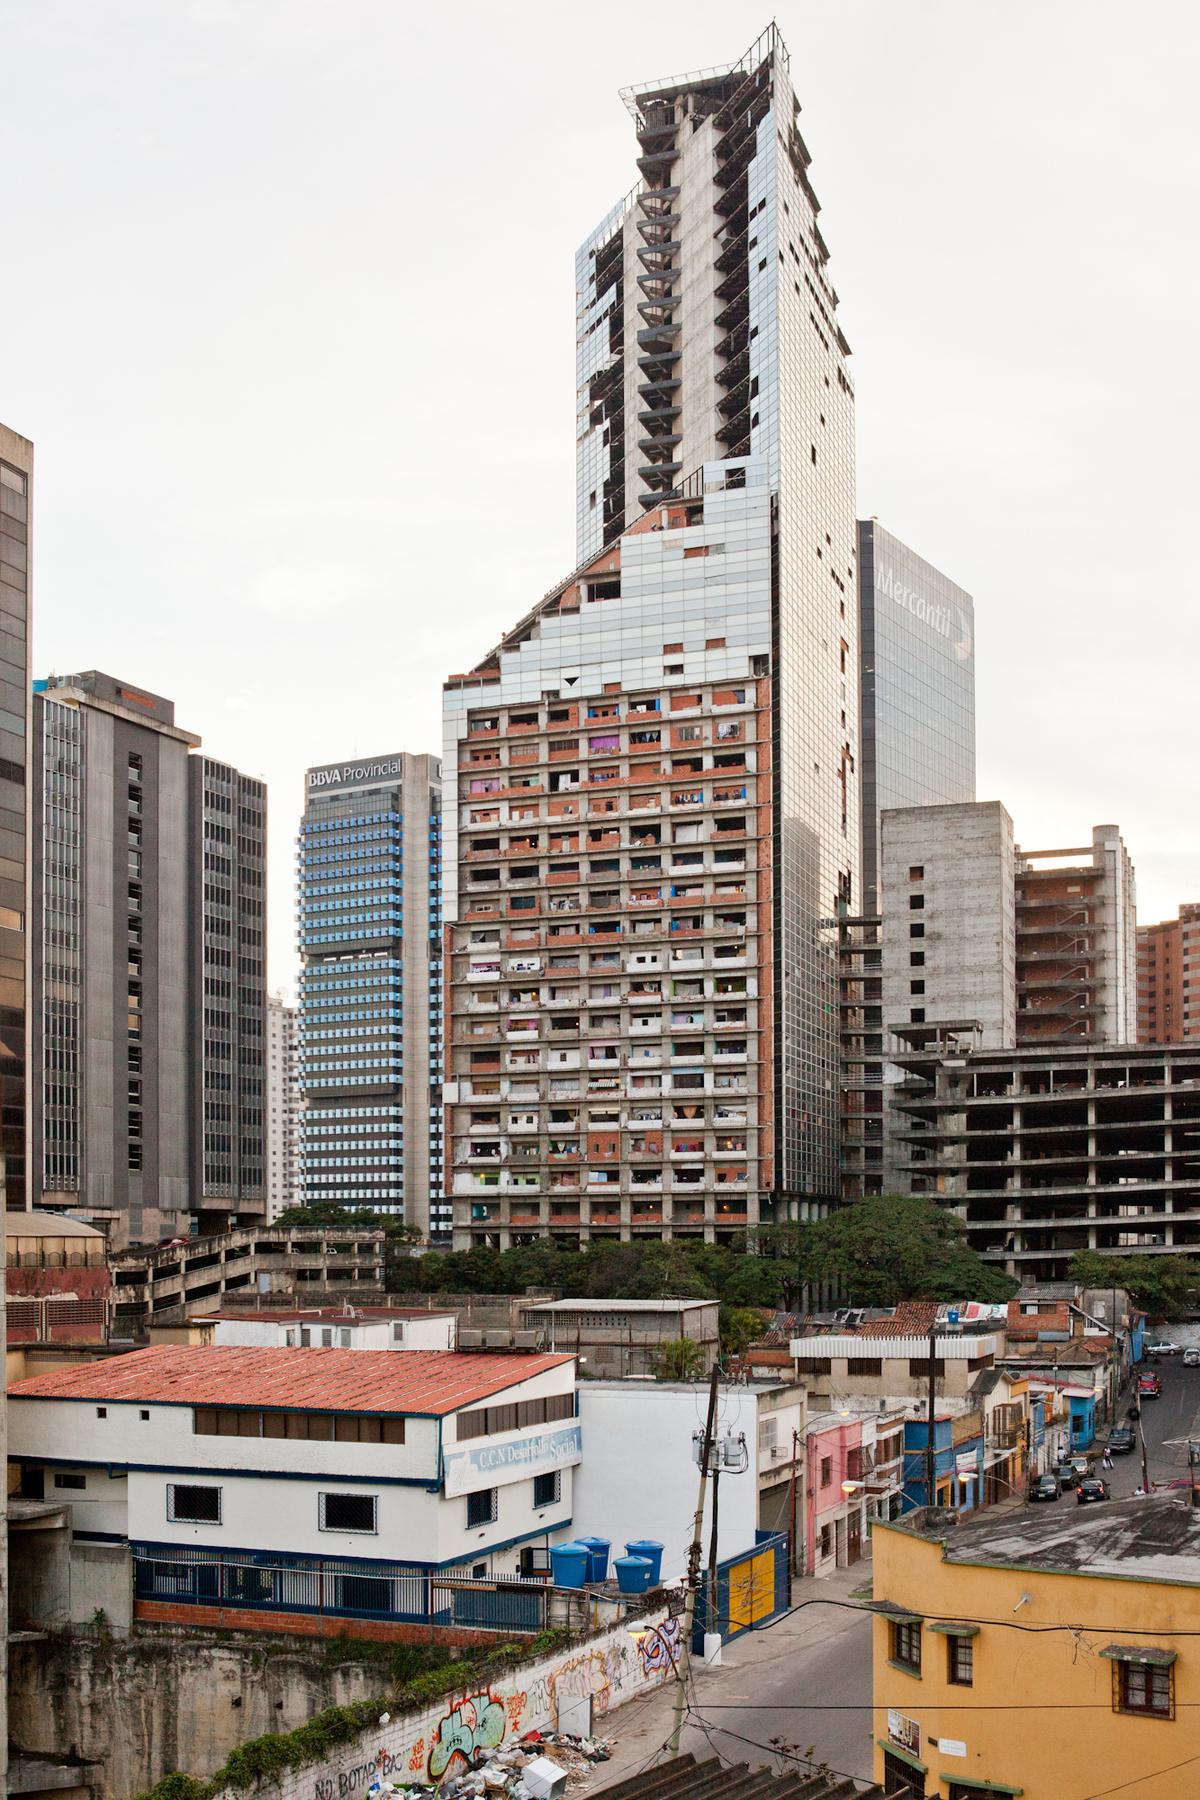 Caracas Torre David. Credit U-TT / Daniel Schwartz.